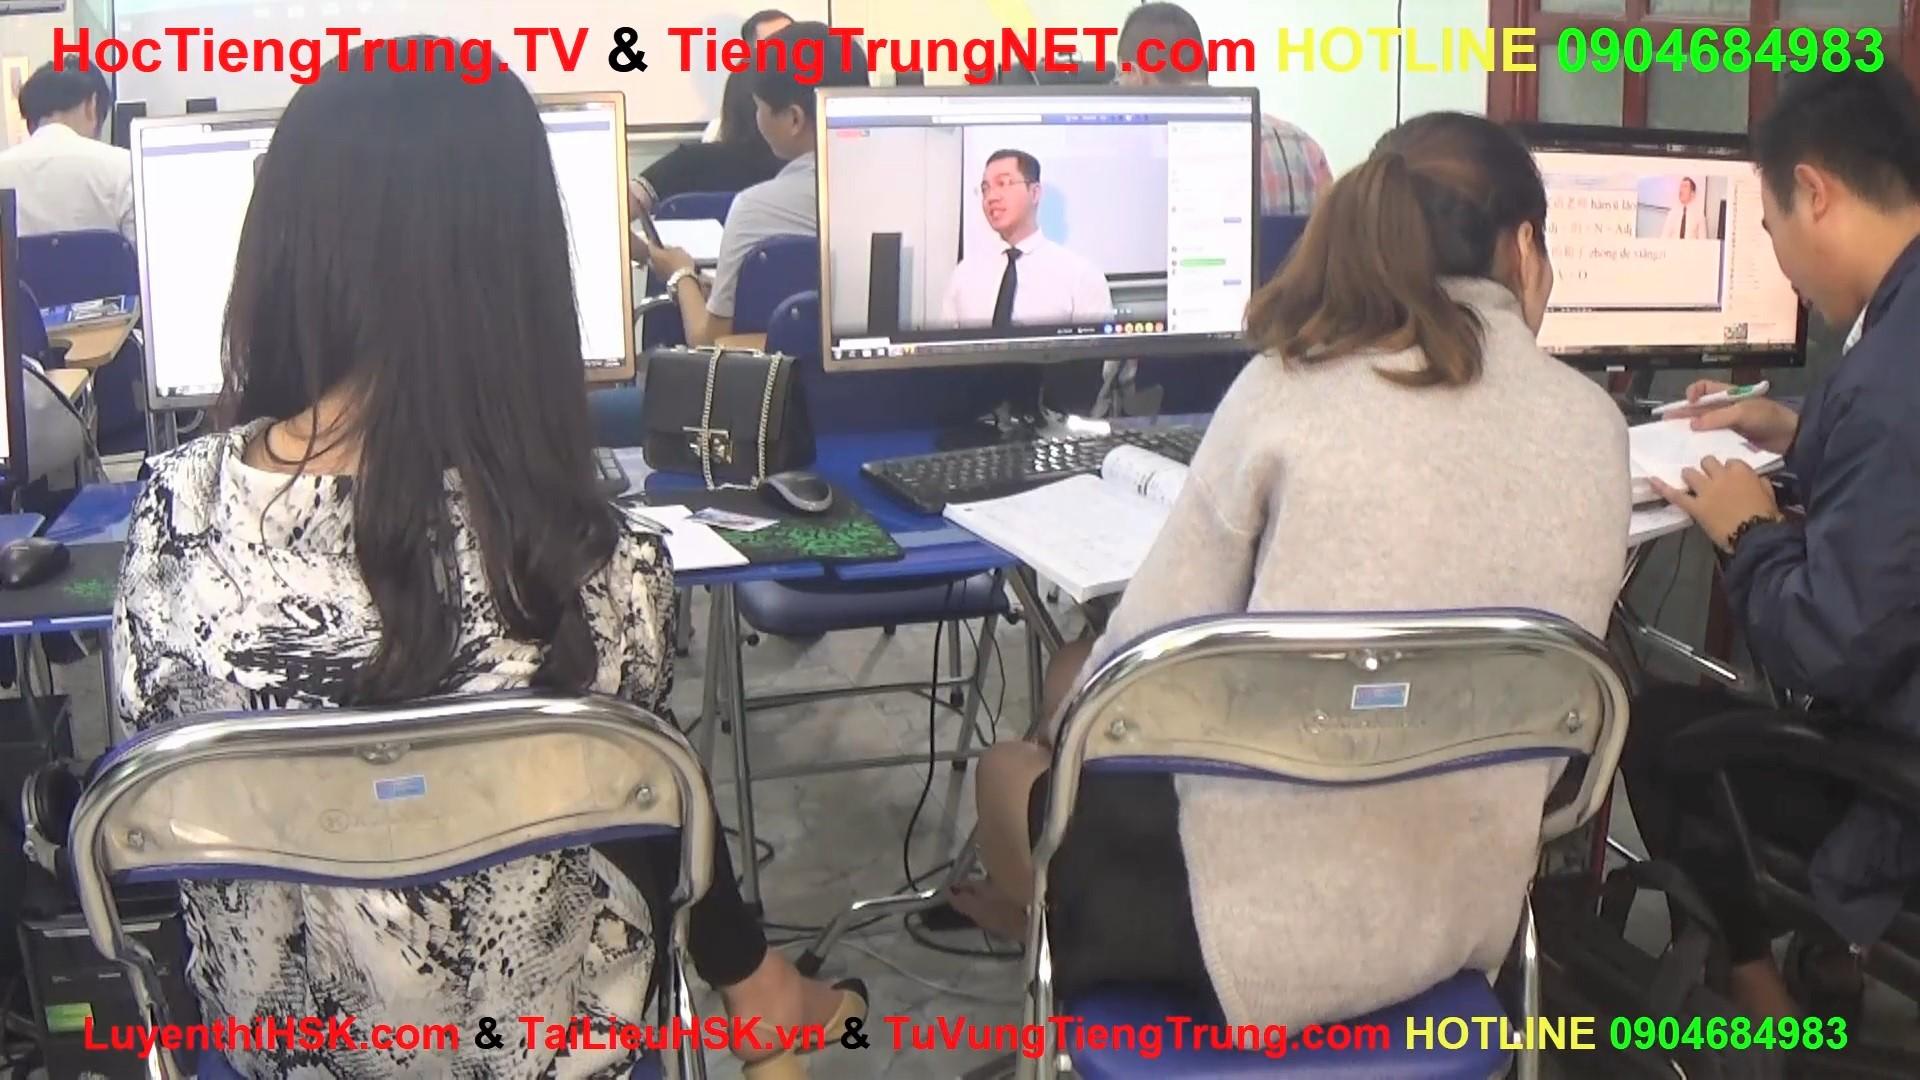 Học tiếng Trung online Thầy Vũ Trung tâm tiếng Trung ChineMaster 5